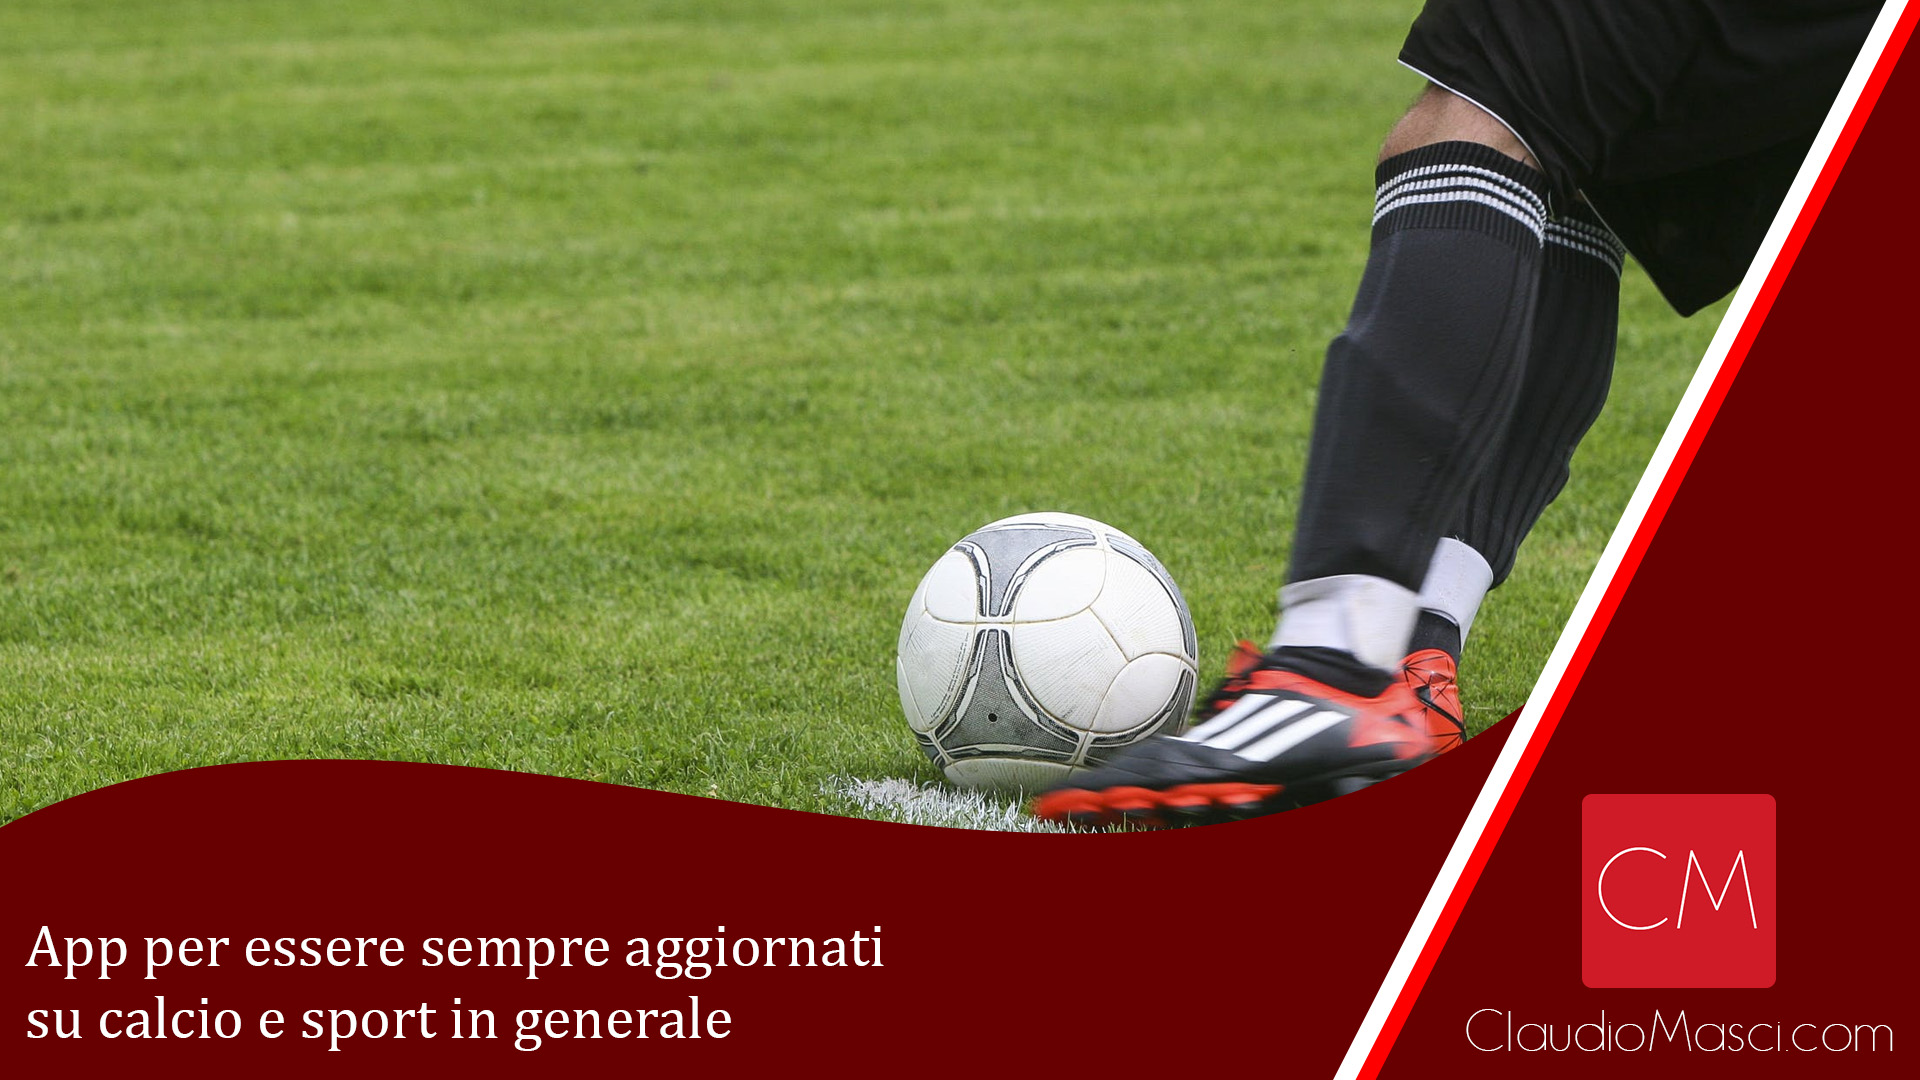 App per essere sempre aggiornati su calcio e sport in generale